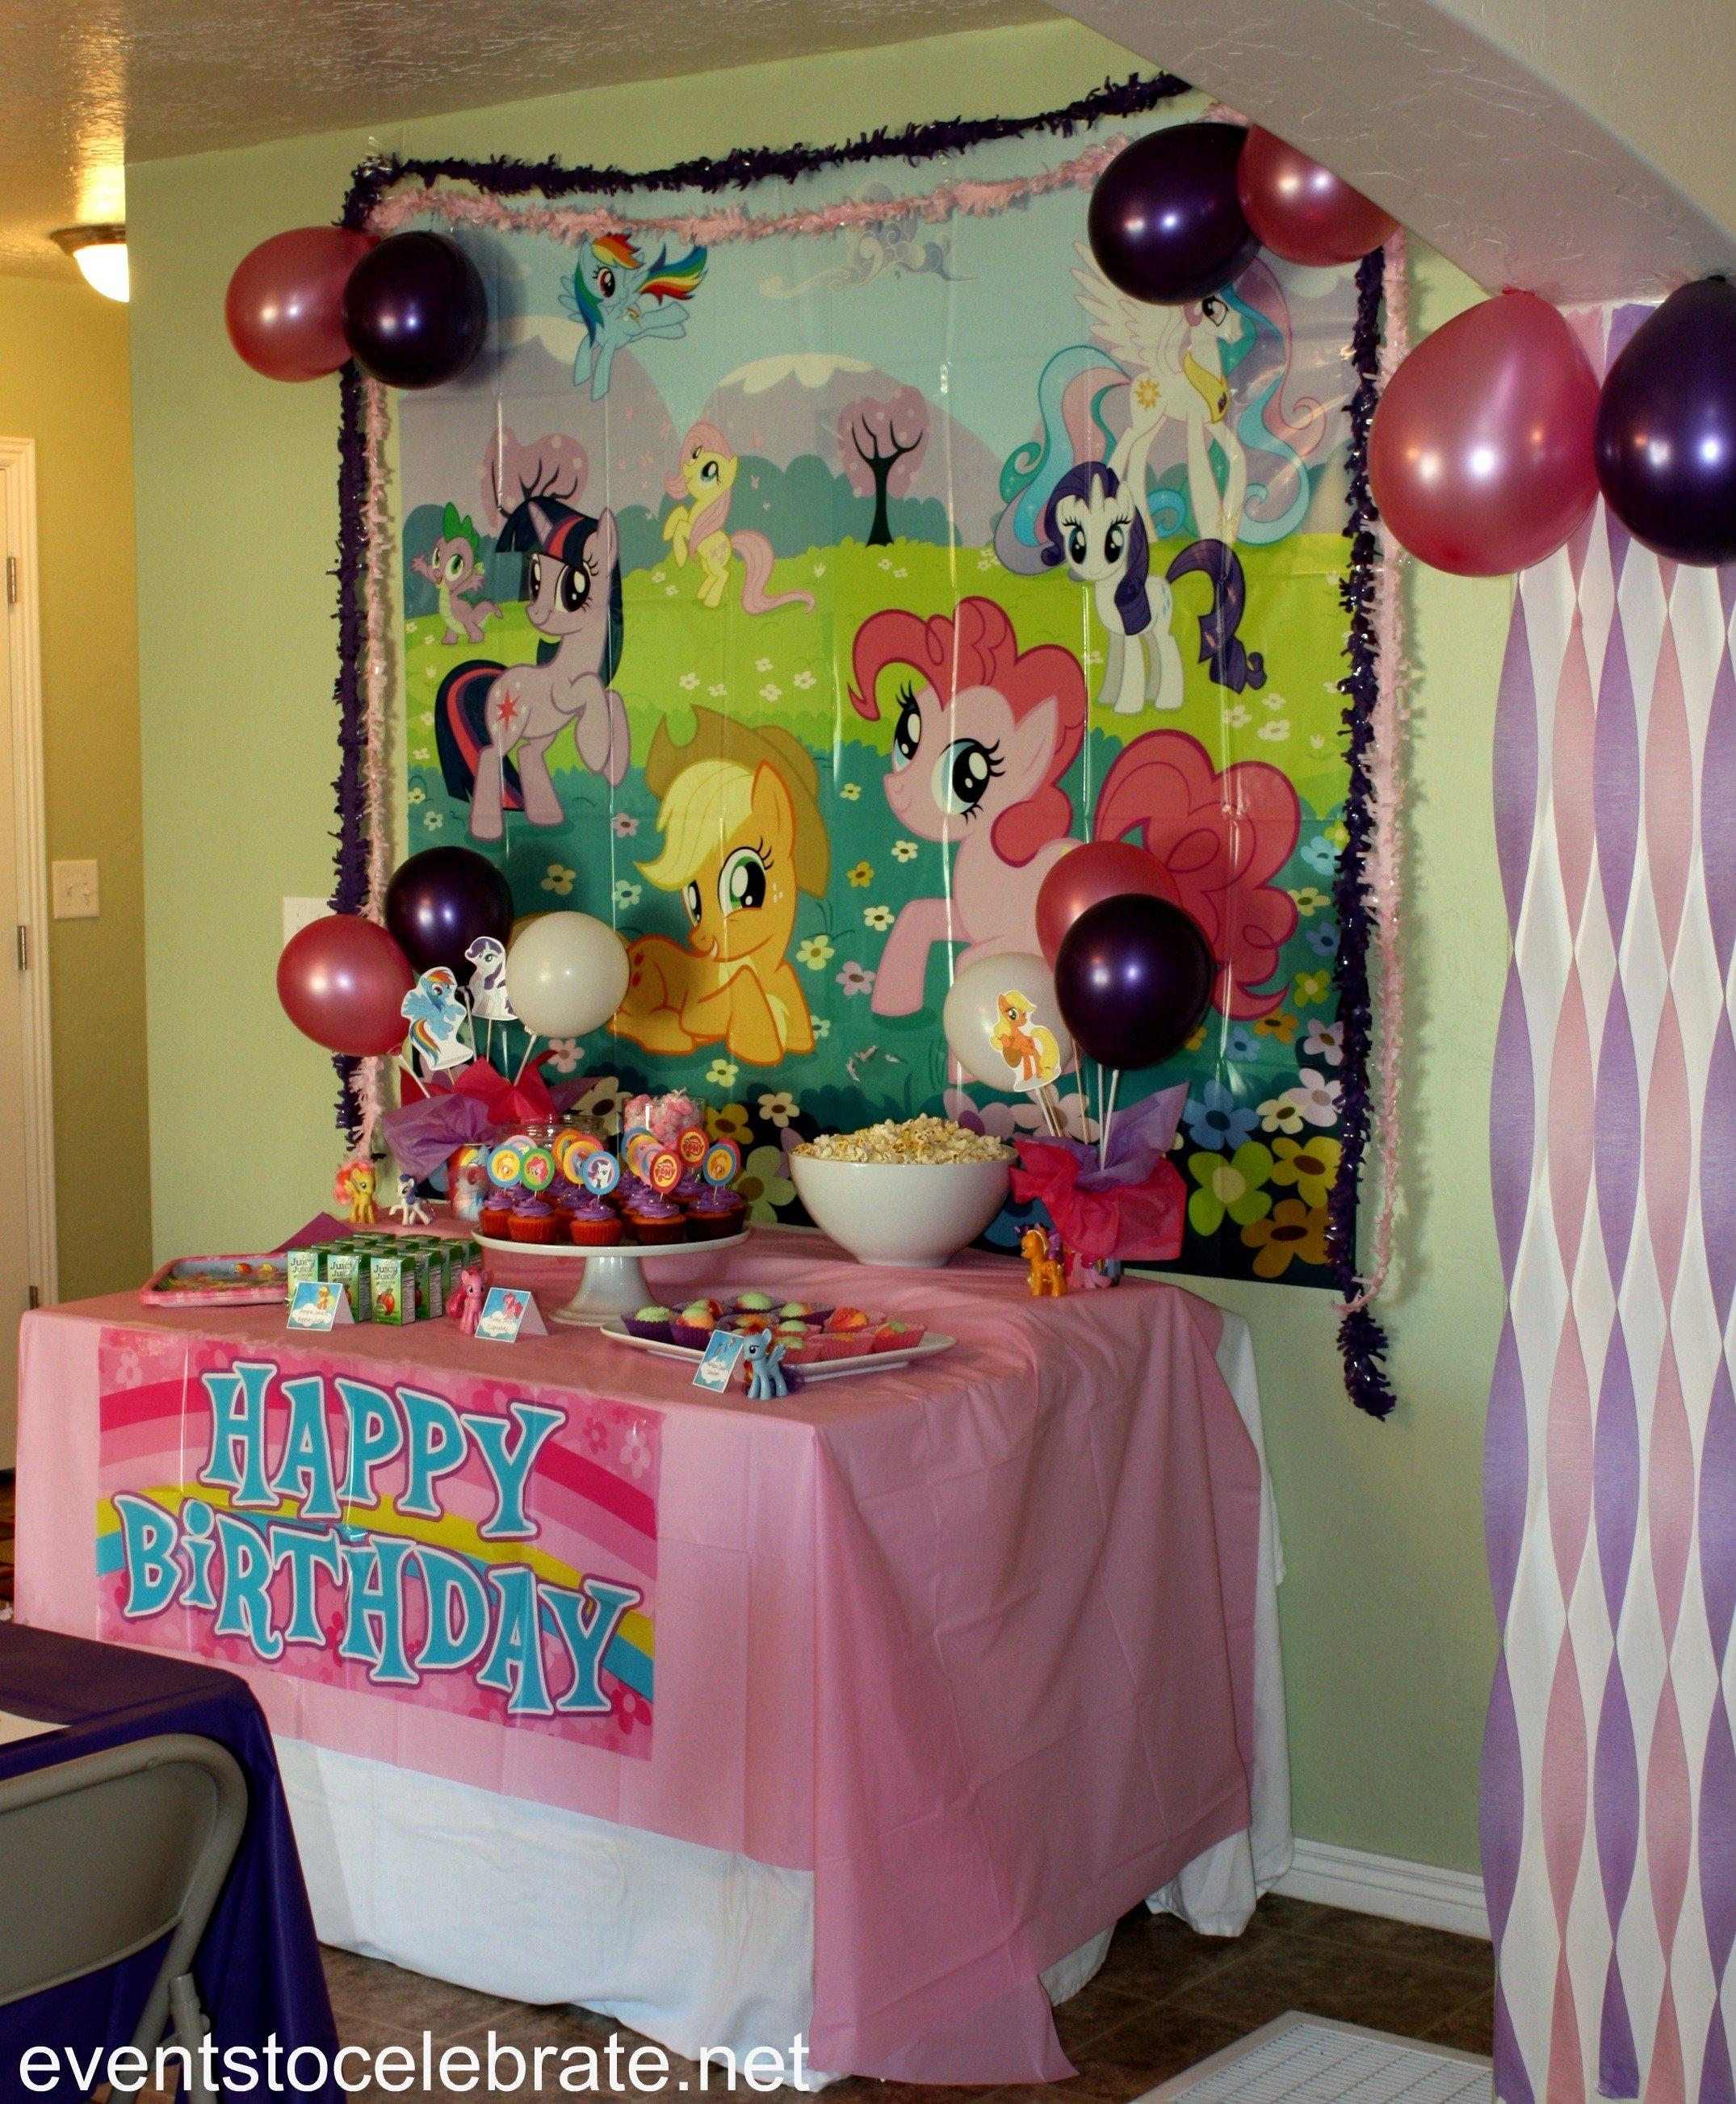 10 Pretty My Little Pony Birthday Party Ideas my little pony party ideas events to celebrate 2 2021